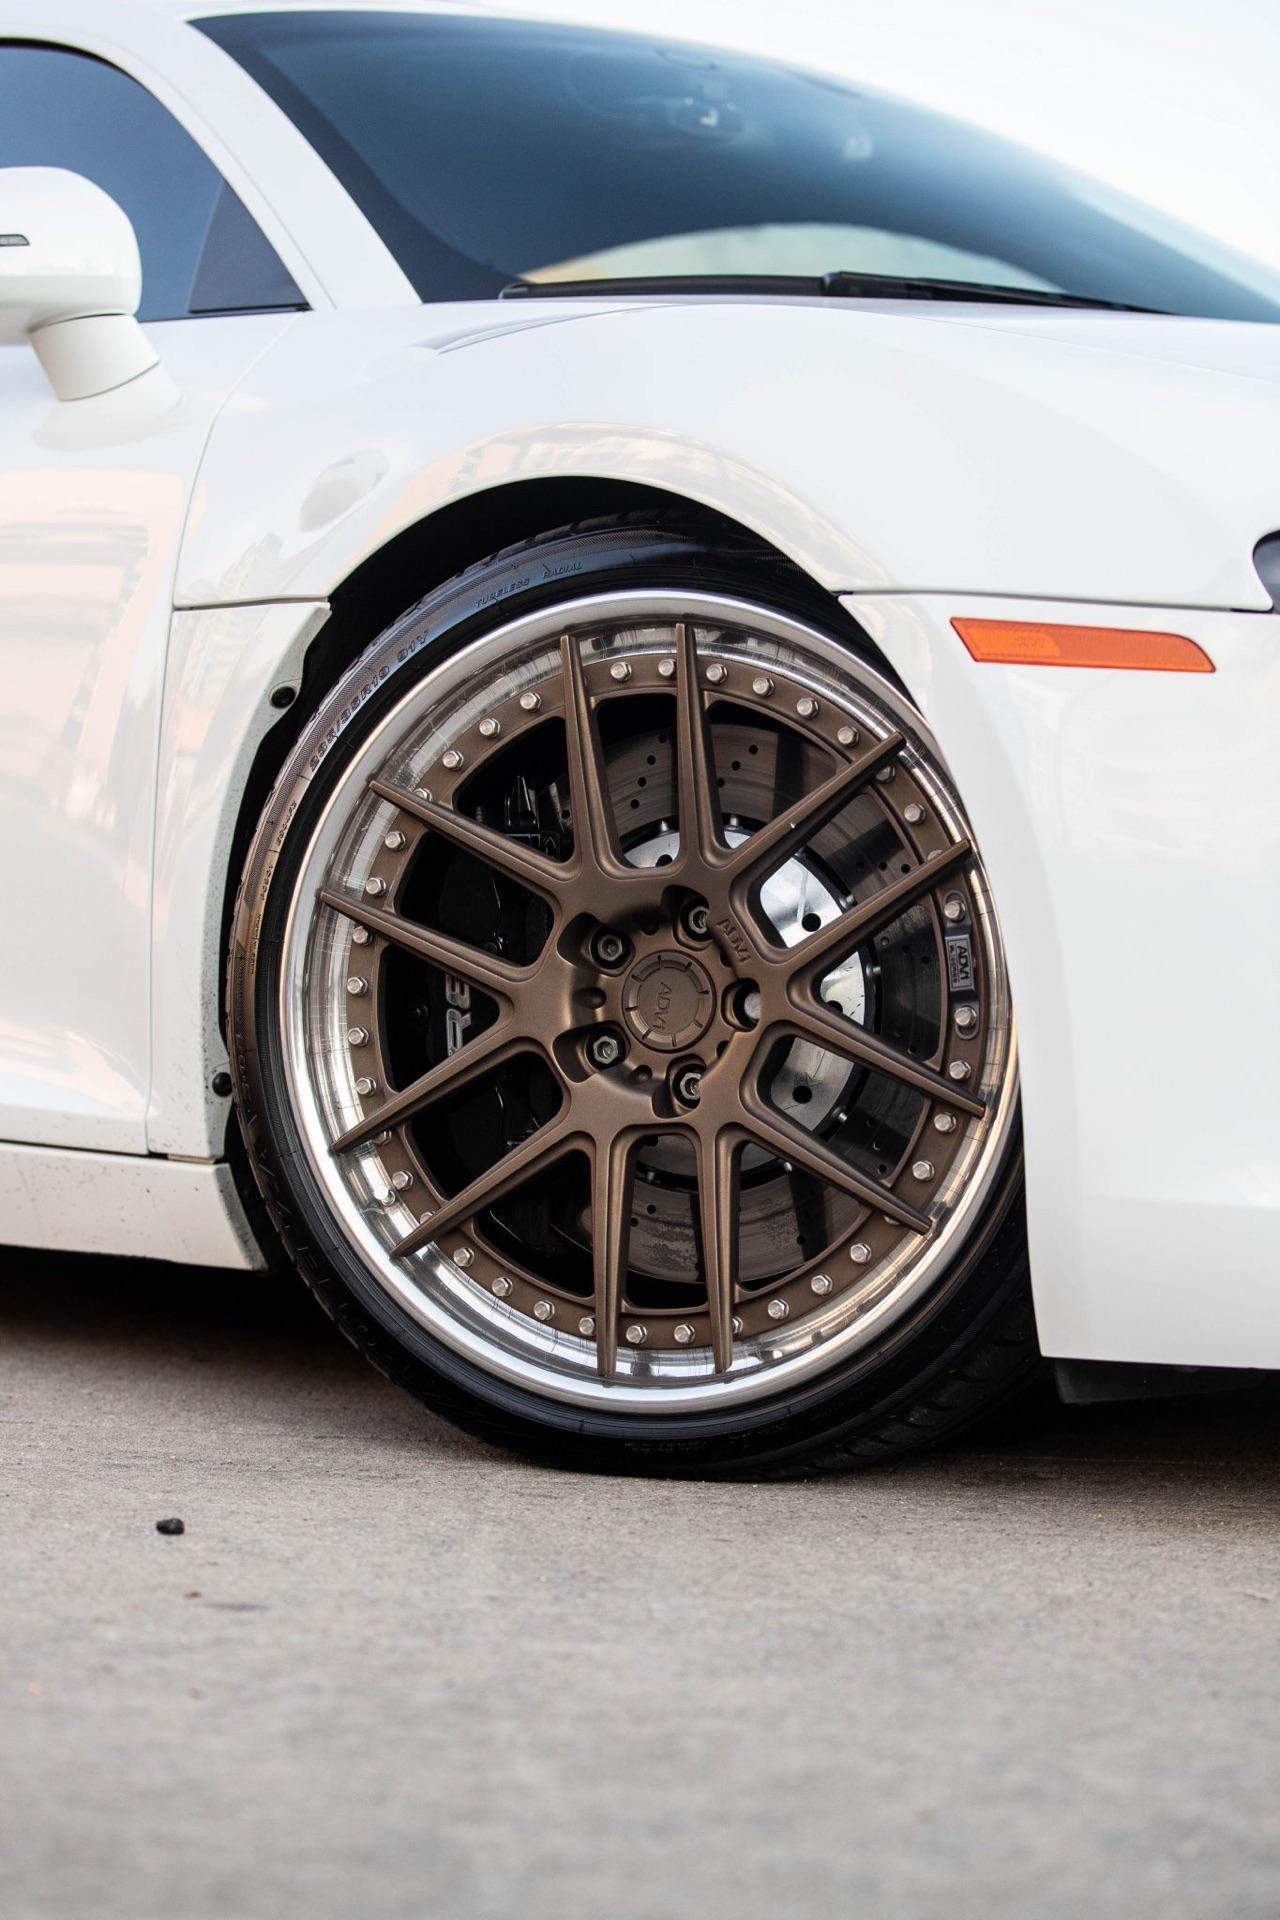 Audi R8 V8 4.2 l - Shootée au biturbo 13